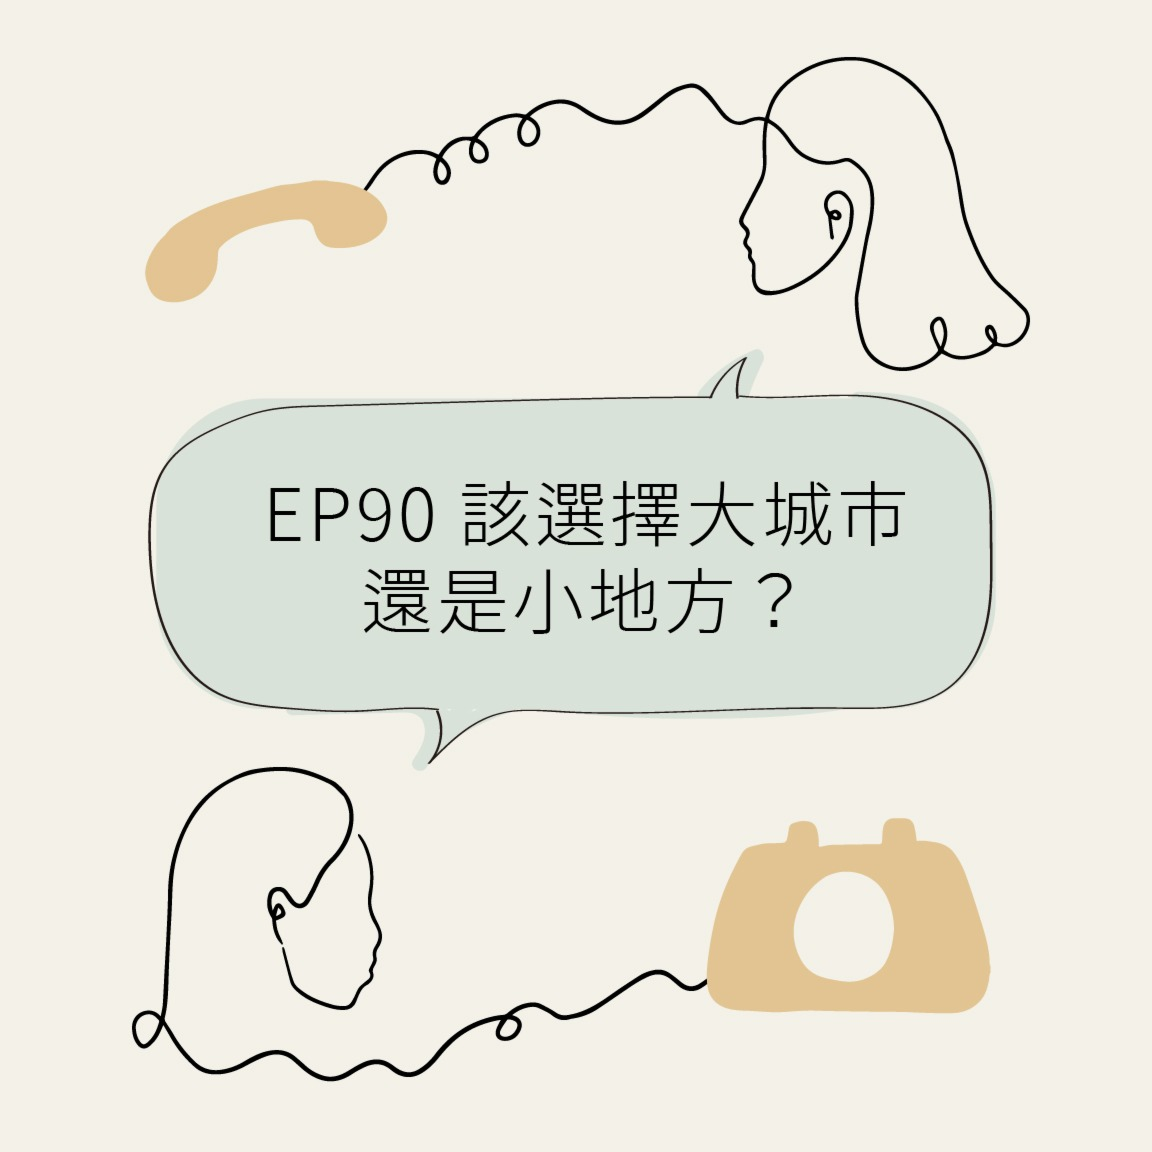 EP90 该选择大城市还是小地方?